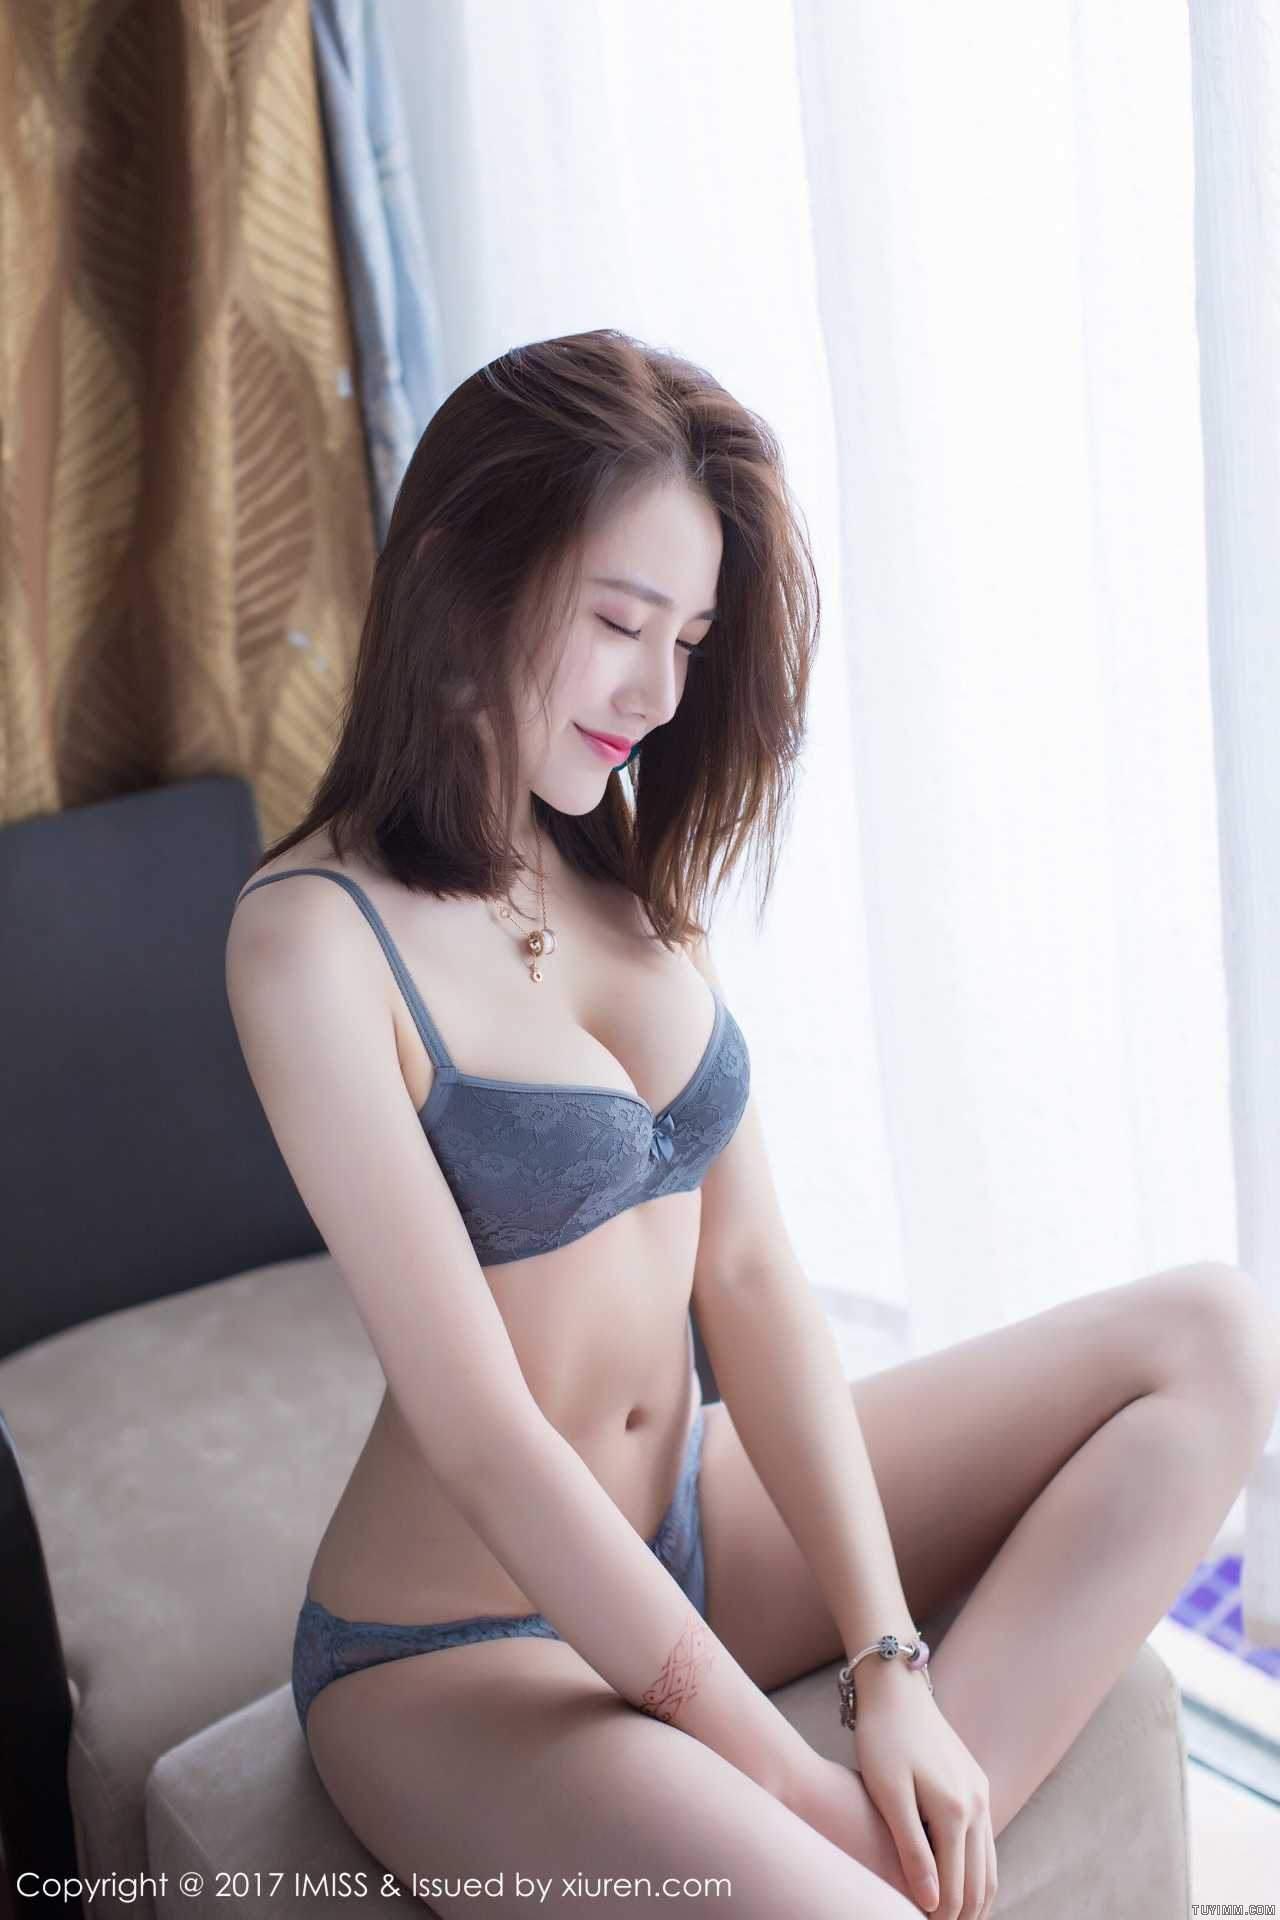 IMISS爱蜜社 2017.09.07 VOL.186 刘奕宁Lynn-第13张图片-哔哔娱乐网